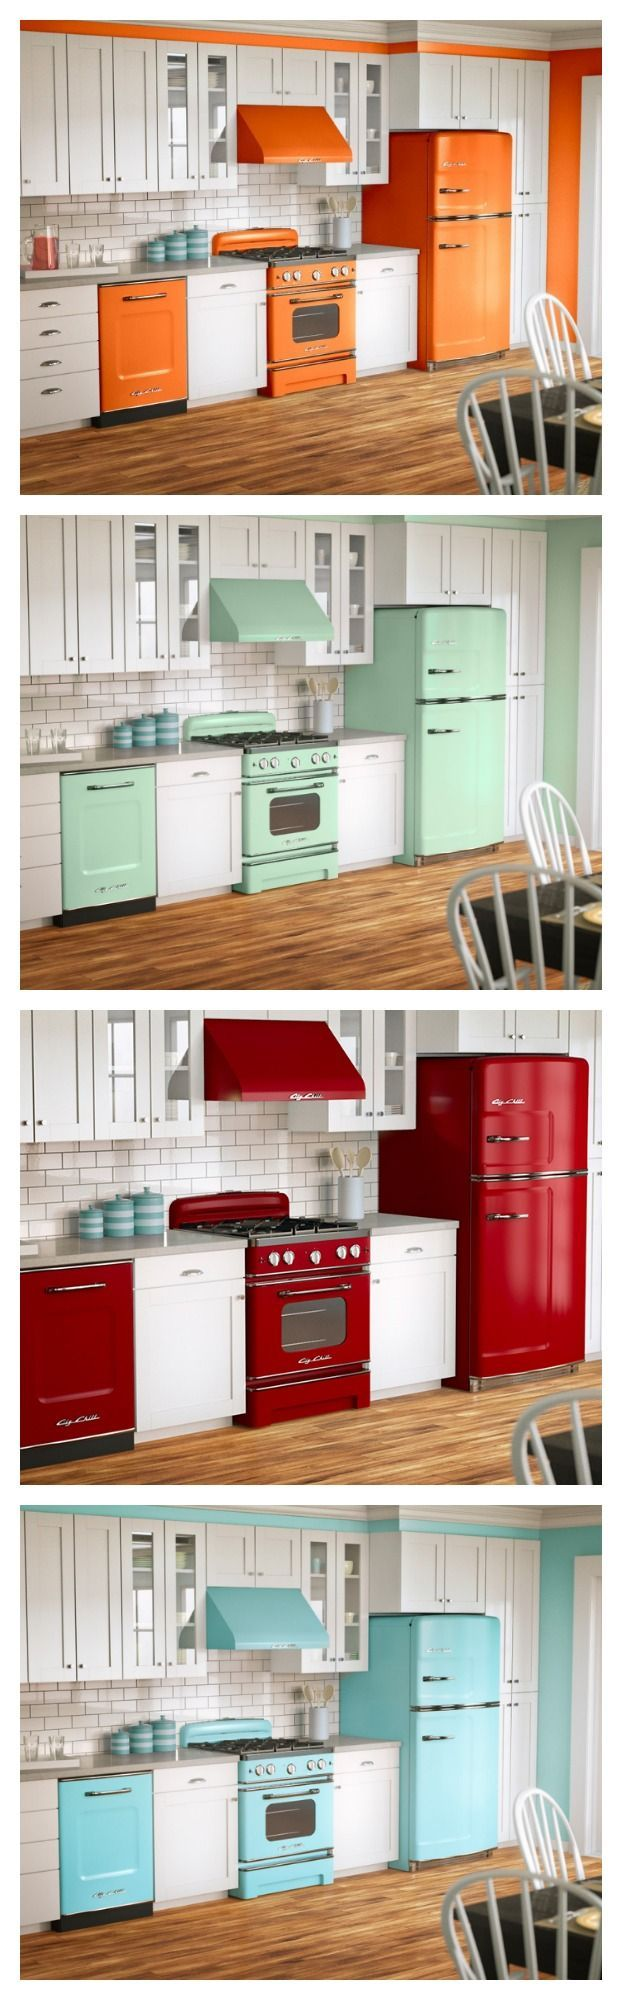 The Retro Kitchen Appliance Product Line | Küchen ideen, Küche und Heim